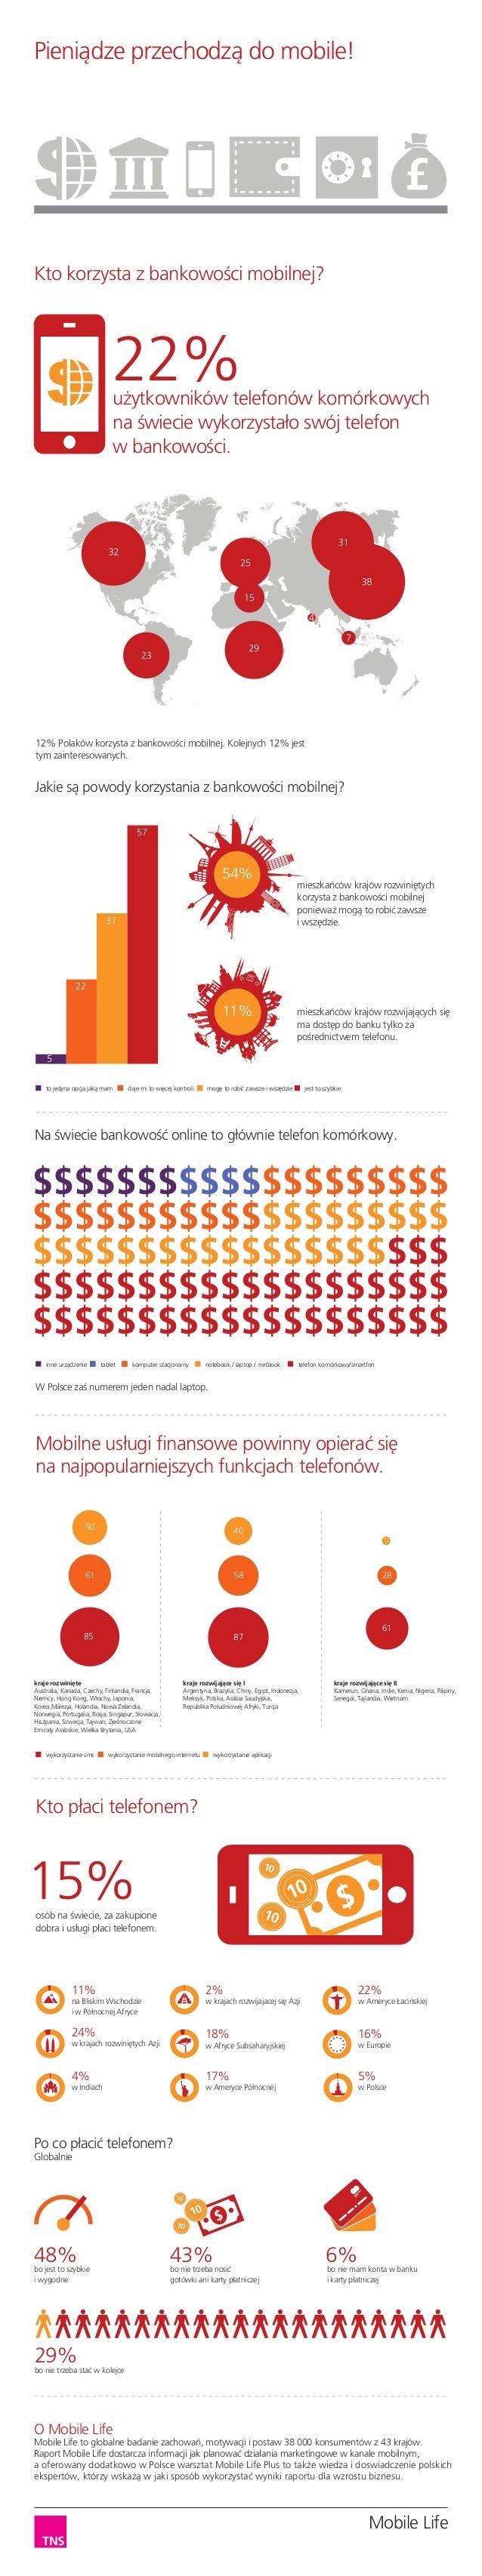 Pieniądze przechodzą do mobile!  Kto korzysta z bankowości mobilnej?  22%  użytkowników telefonów komórkowych na świecie w...